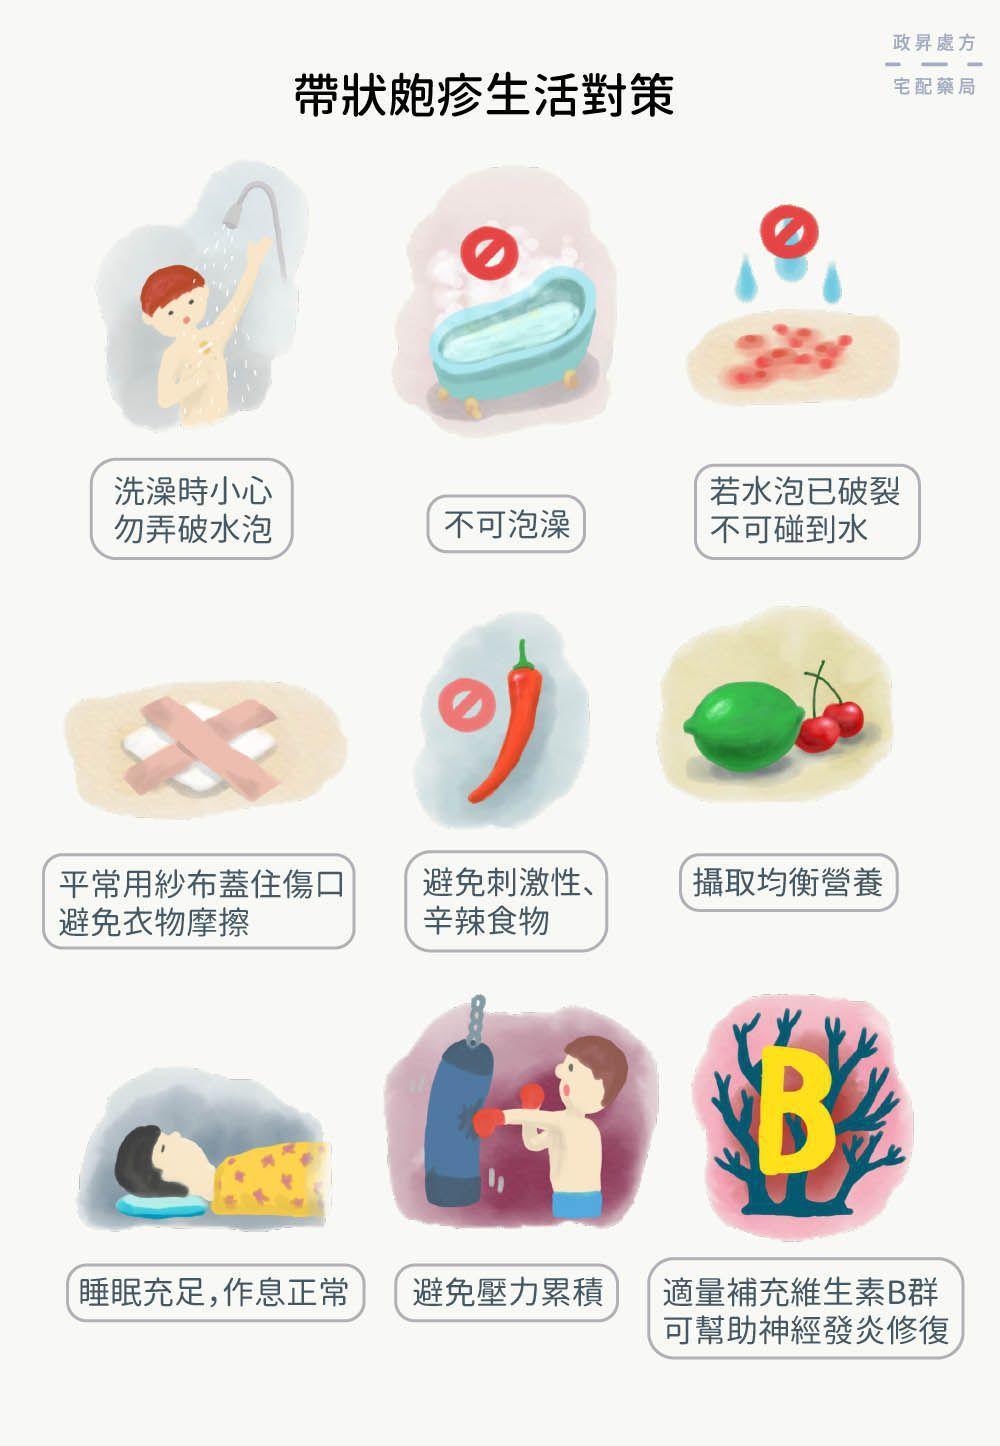 9 招帶狀皰疹的生活對策